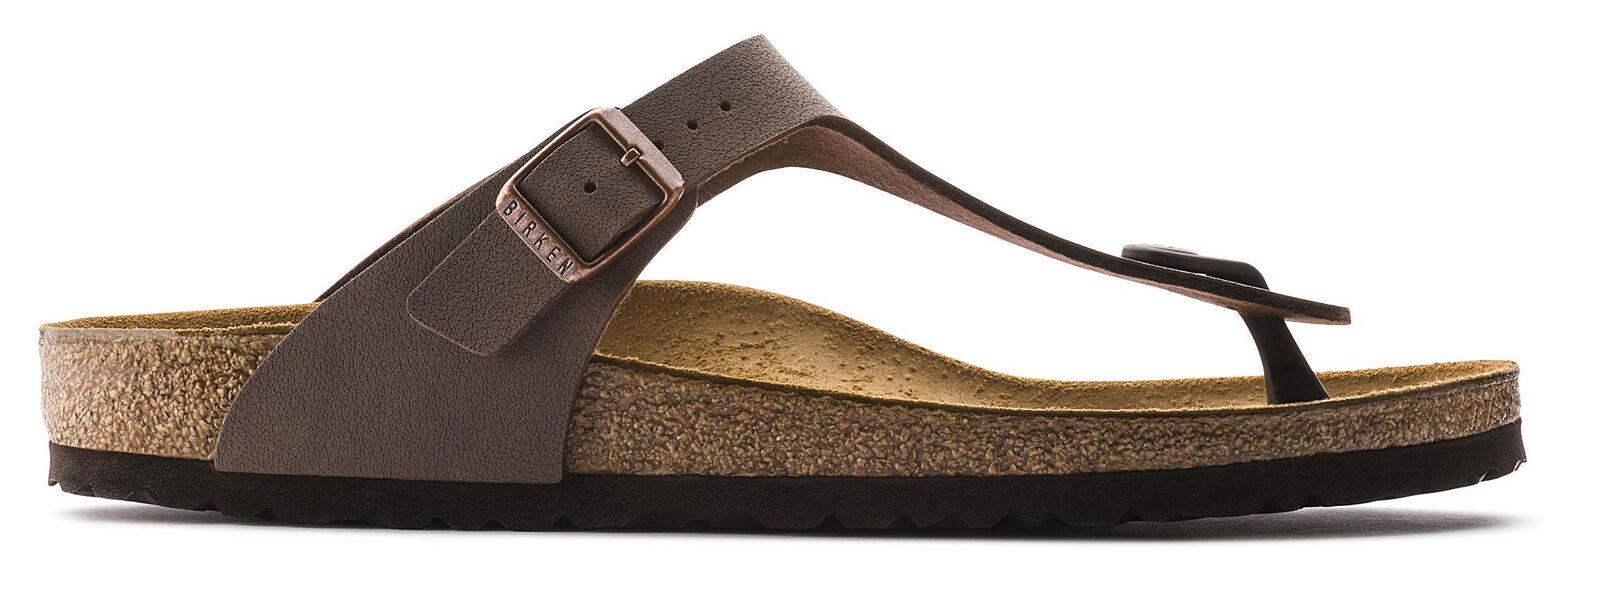 4f94612a12a Birkenstock Women s Gizeh Sandal Birkibuc Mocha 37 - 43751 for sale ...